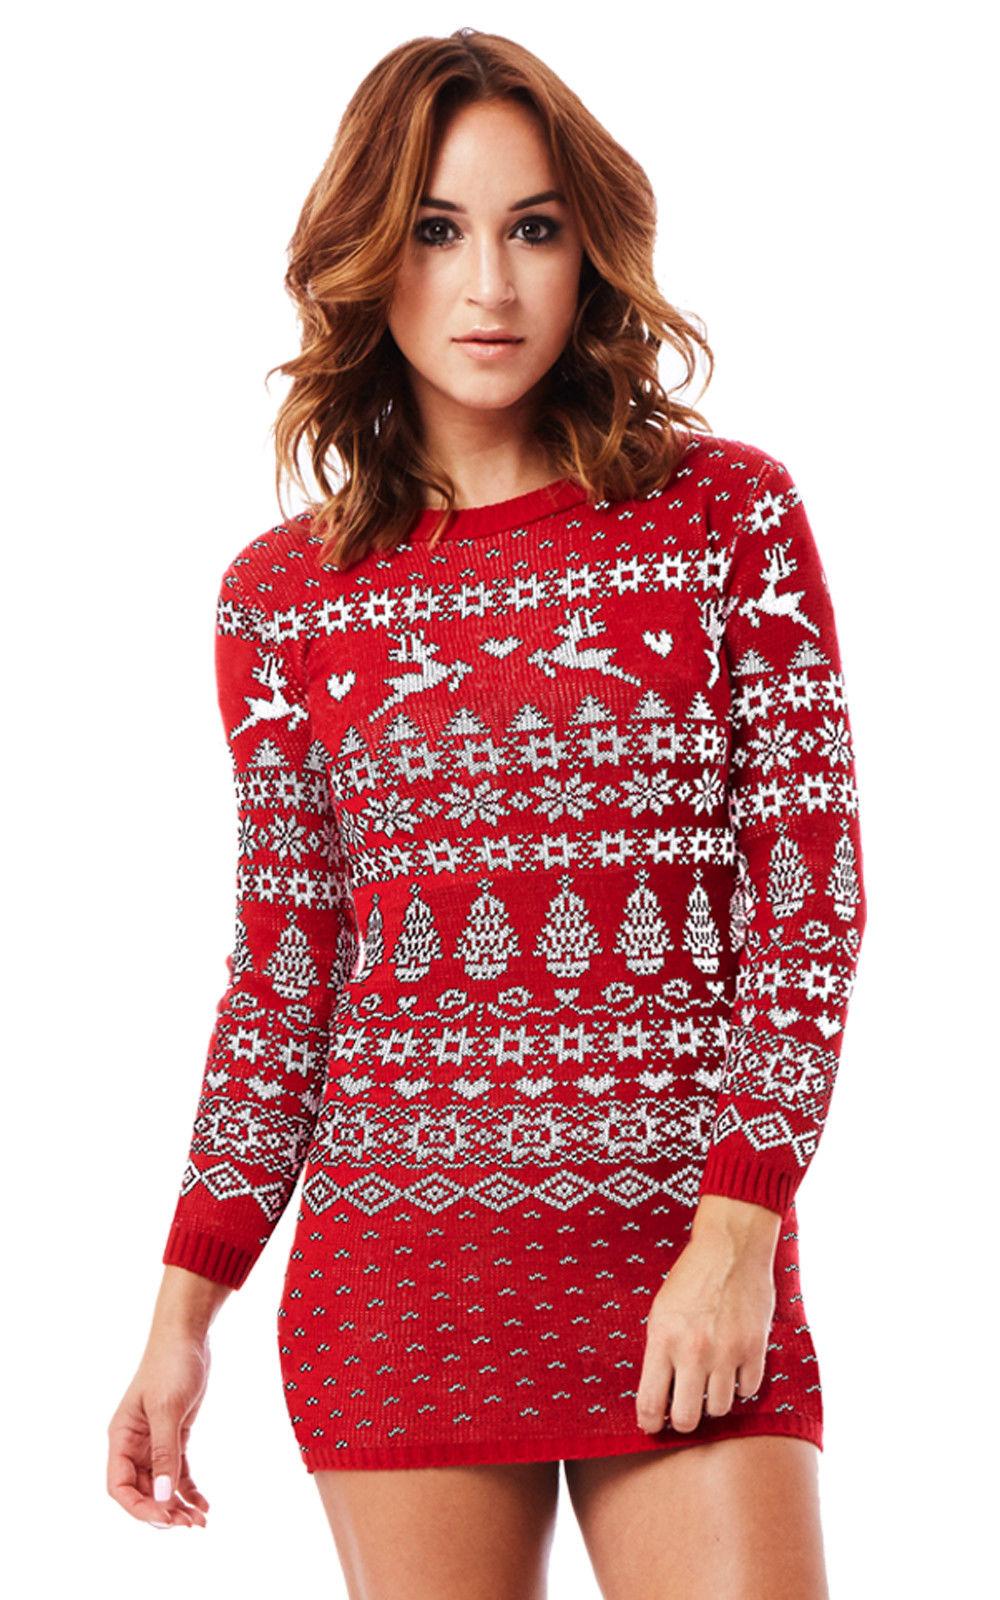 a237d8caaed Dámský svetr s norským vzorem červený